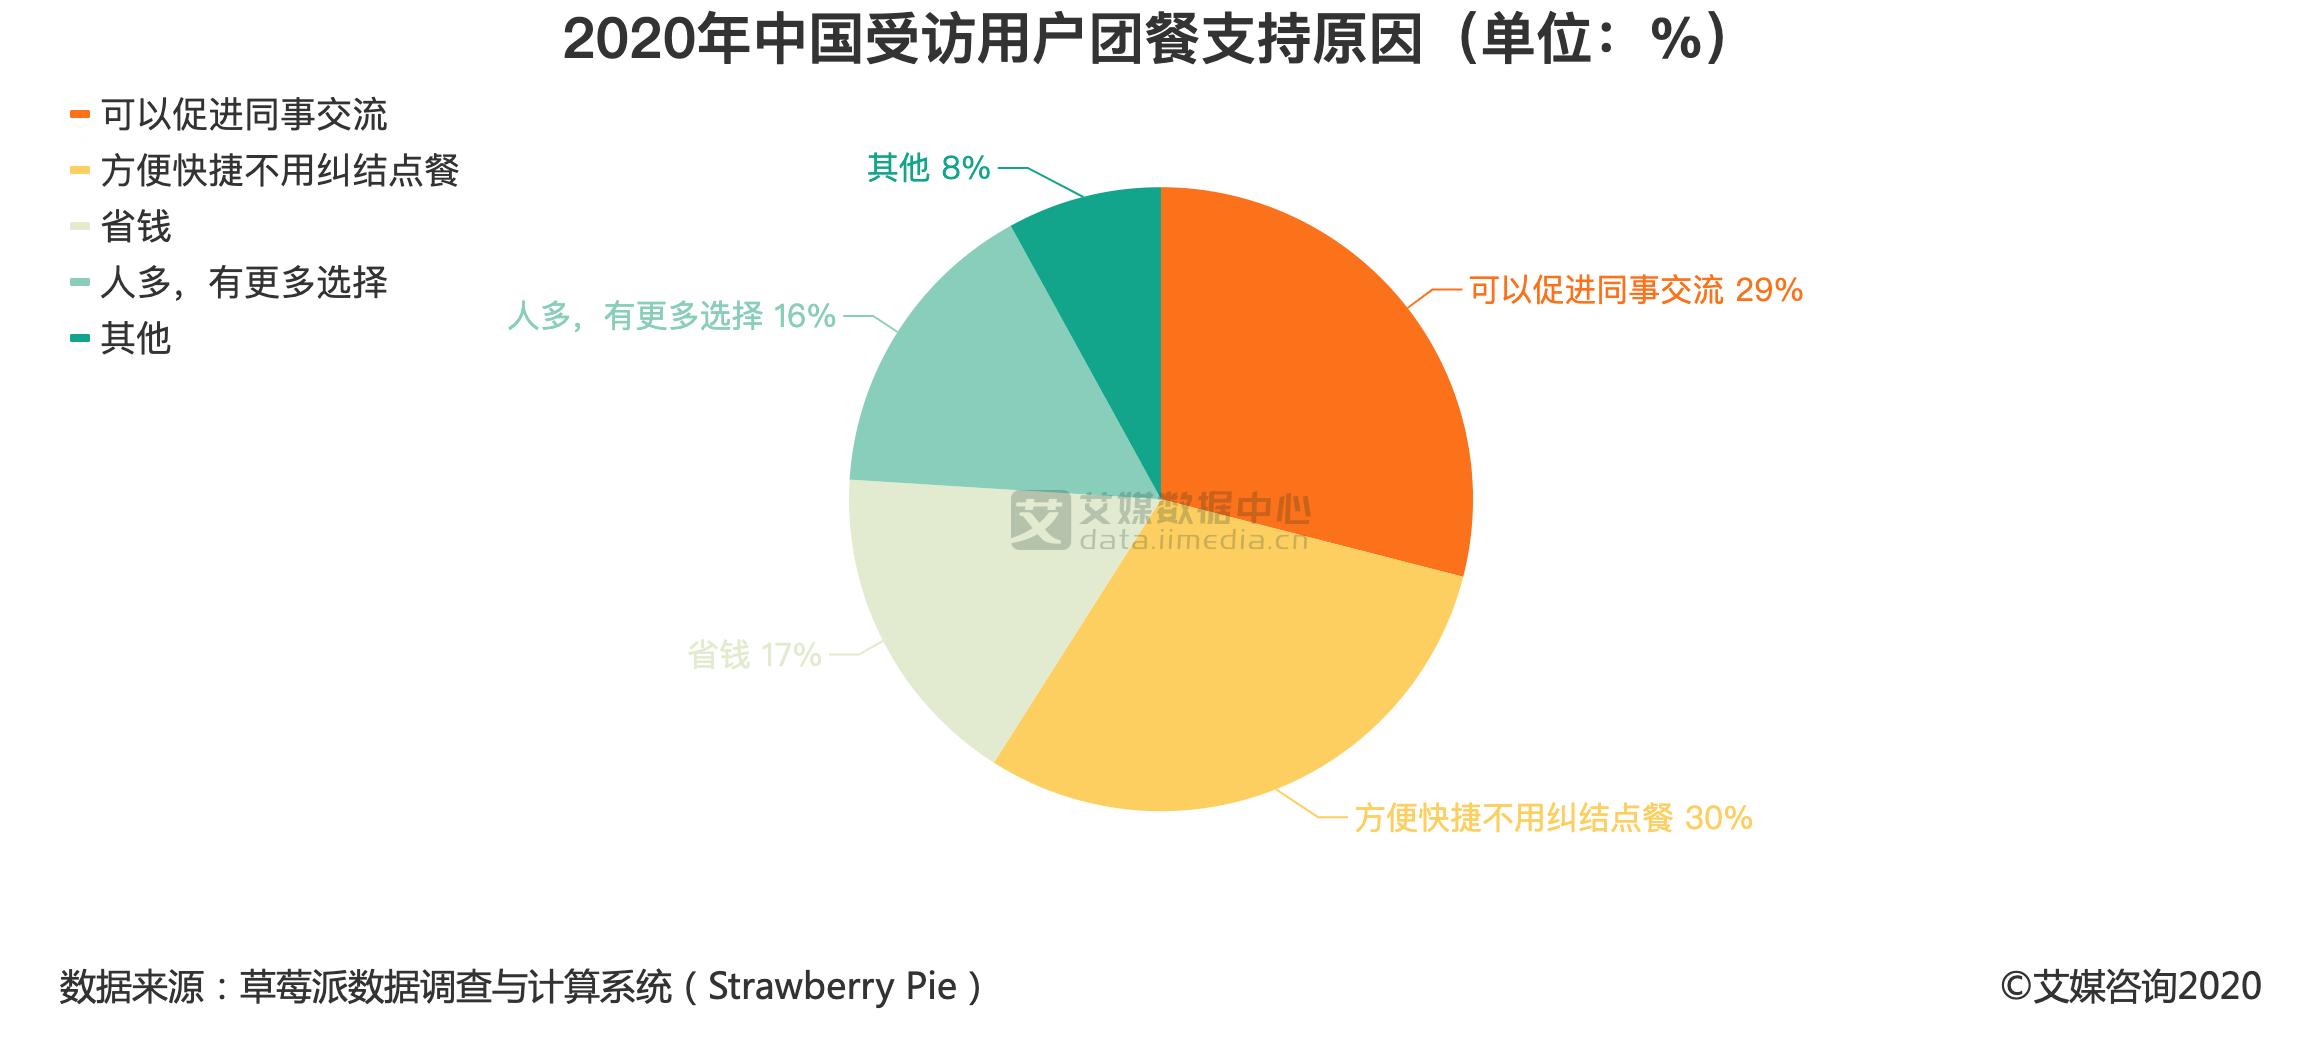 2020年中国受访用户团餐支持原因(单位:%)